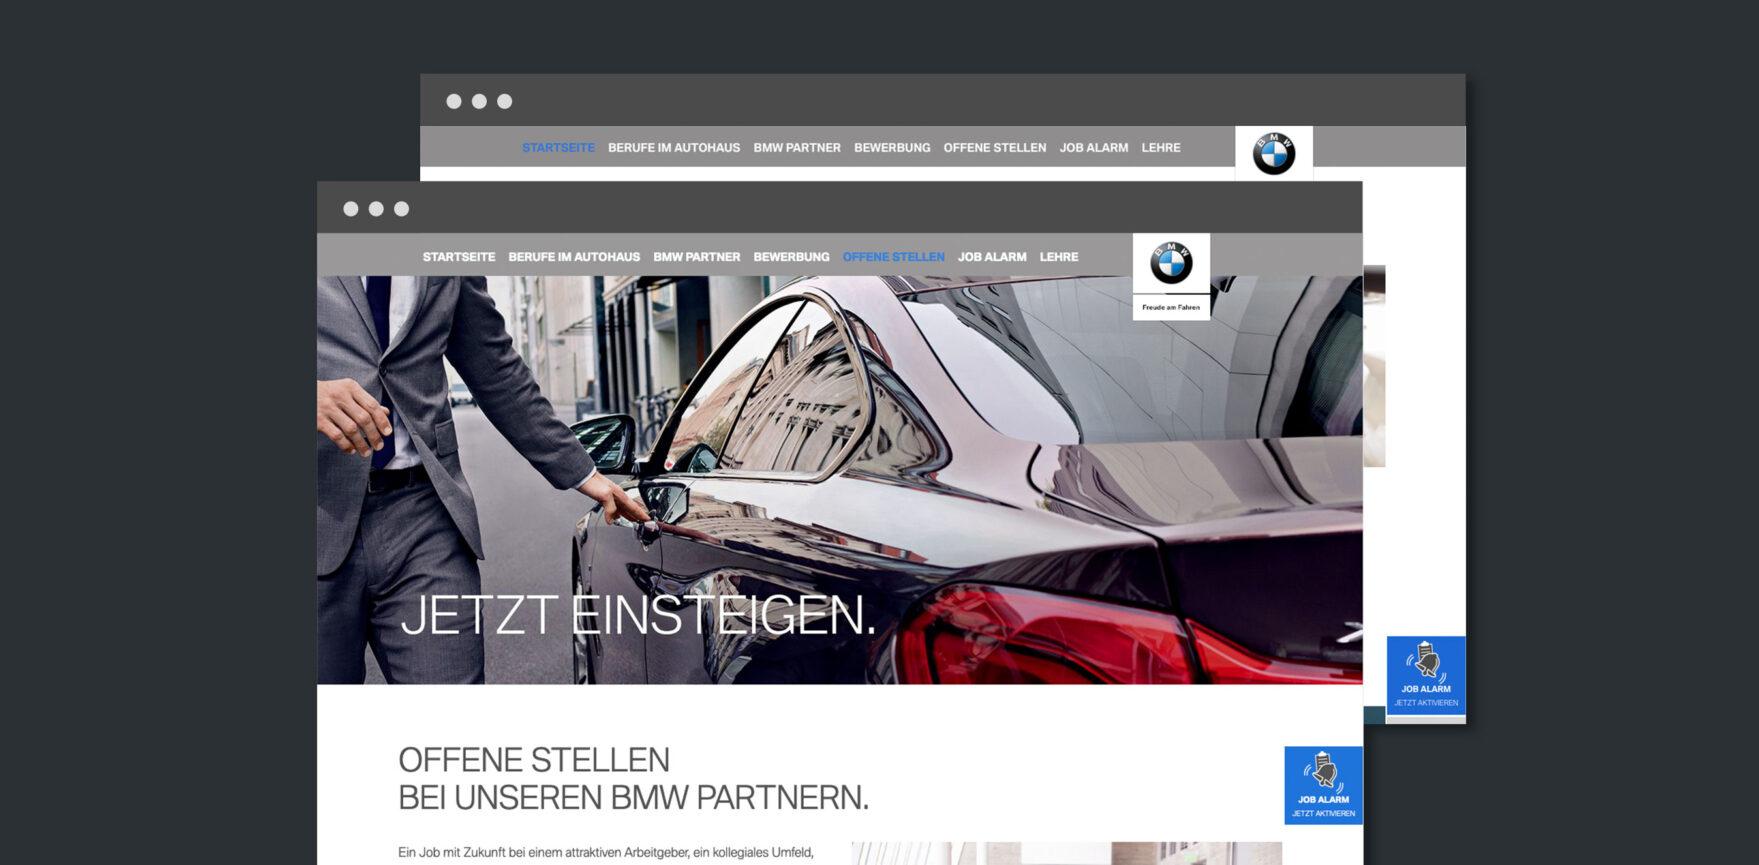 BMW-Karriere Website Relaunch-Unterseite-Karriere